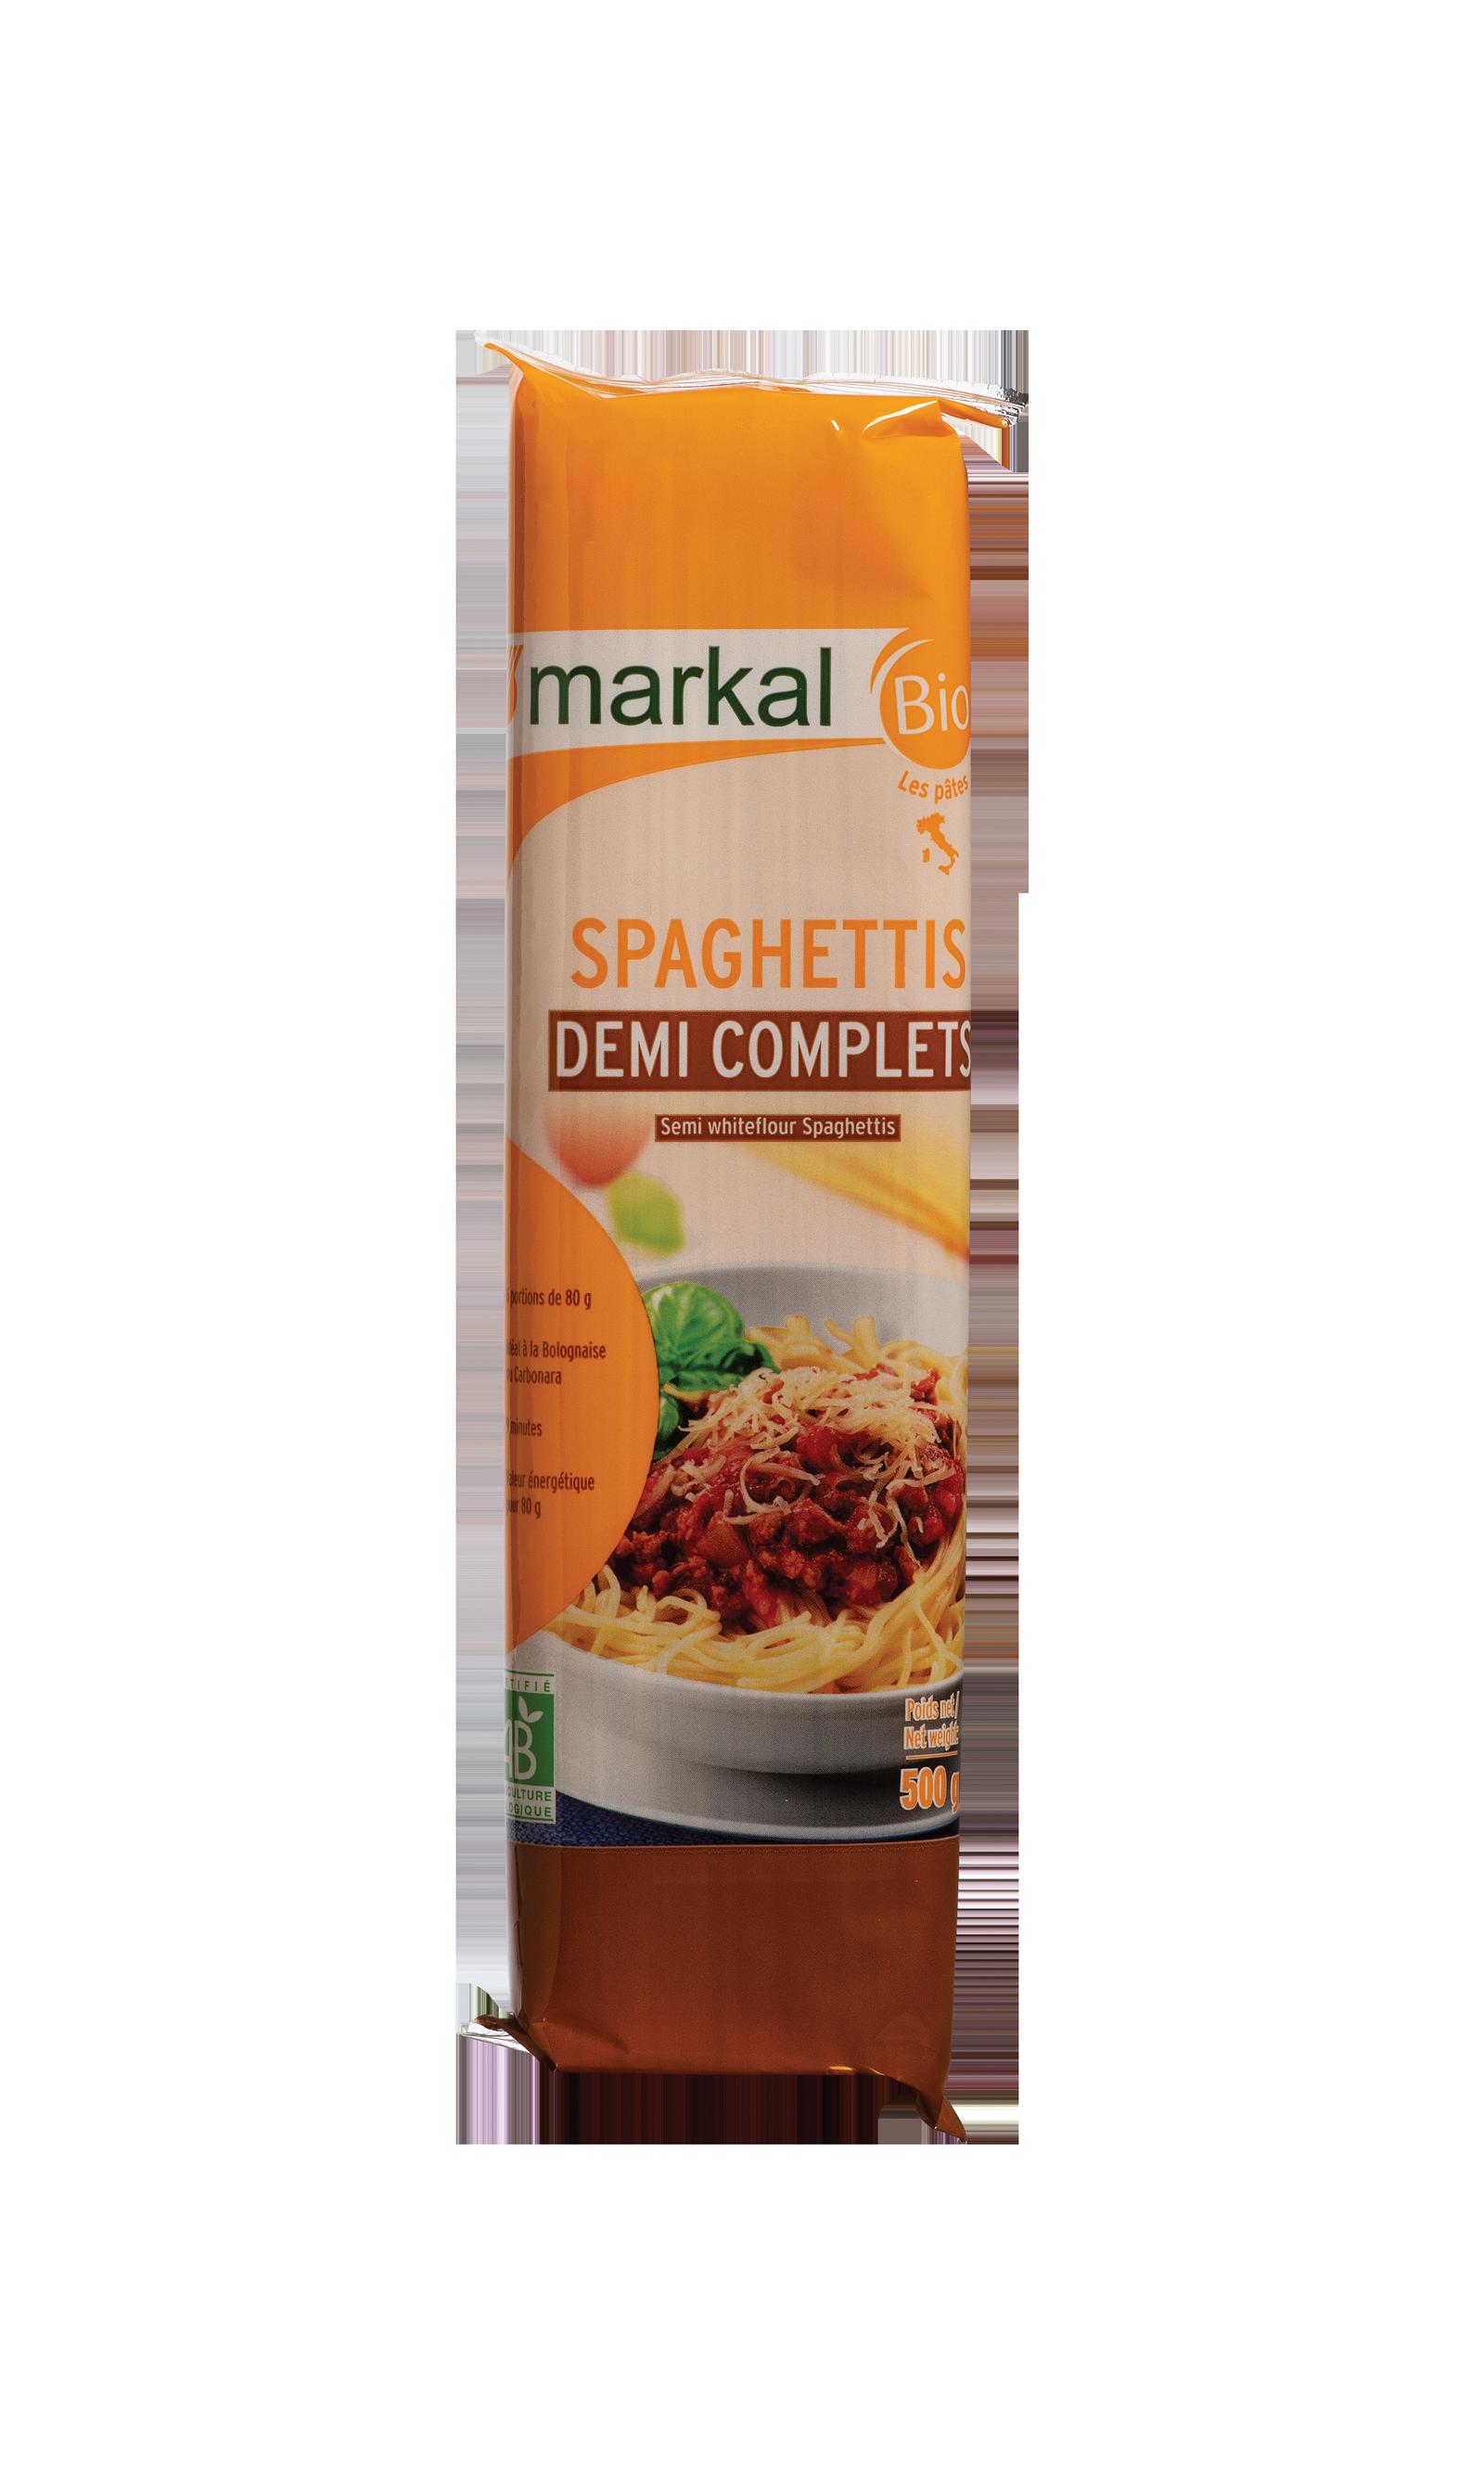 Spaghetti 1/2 complets